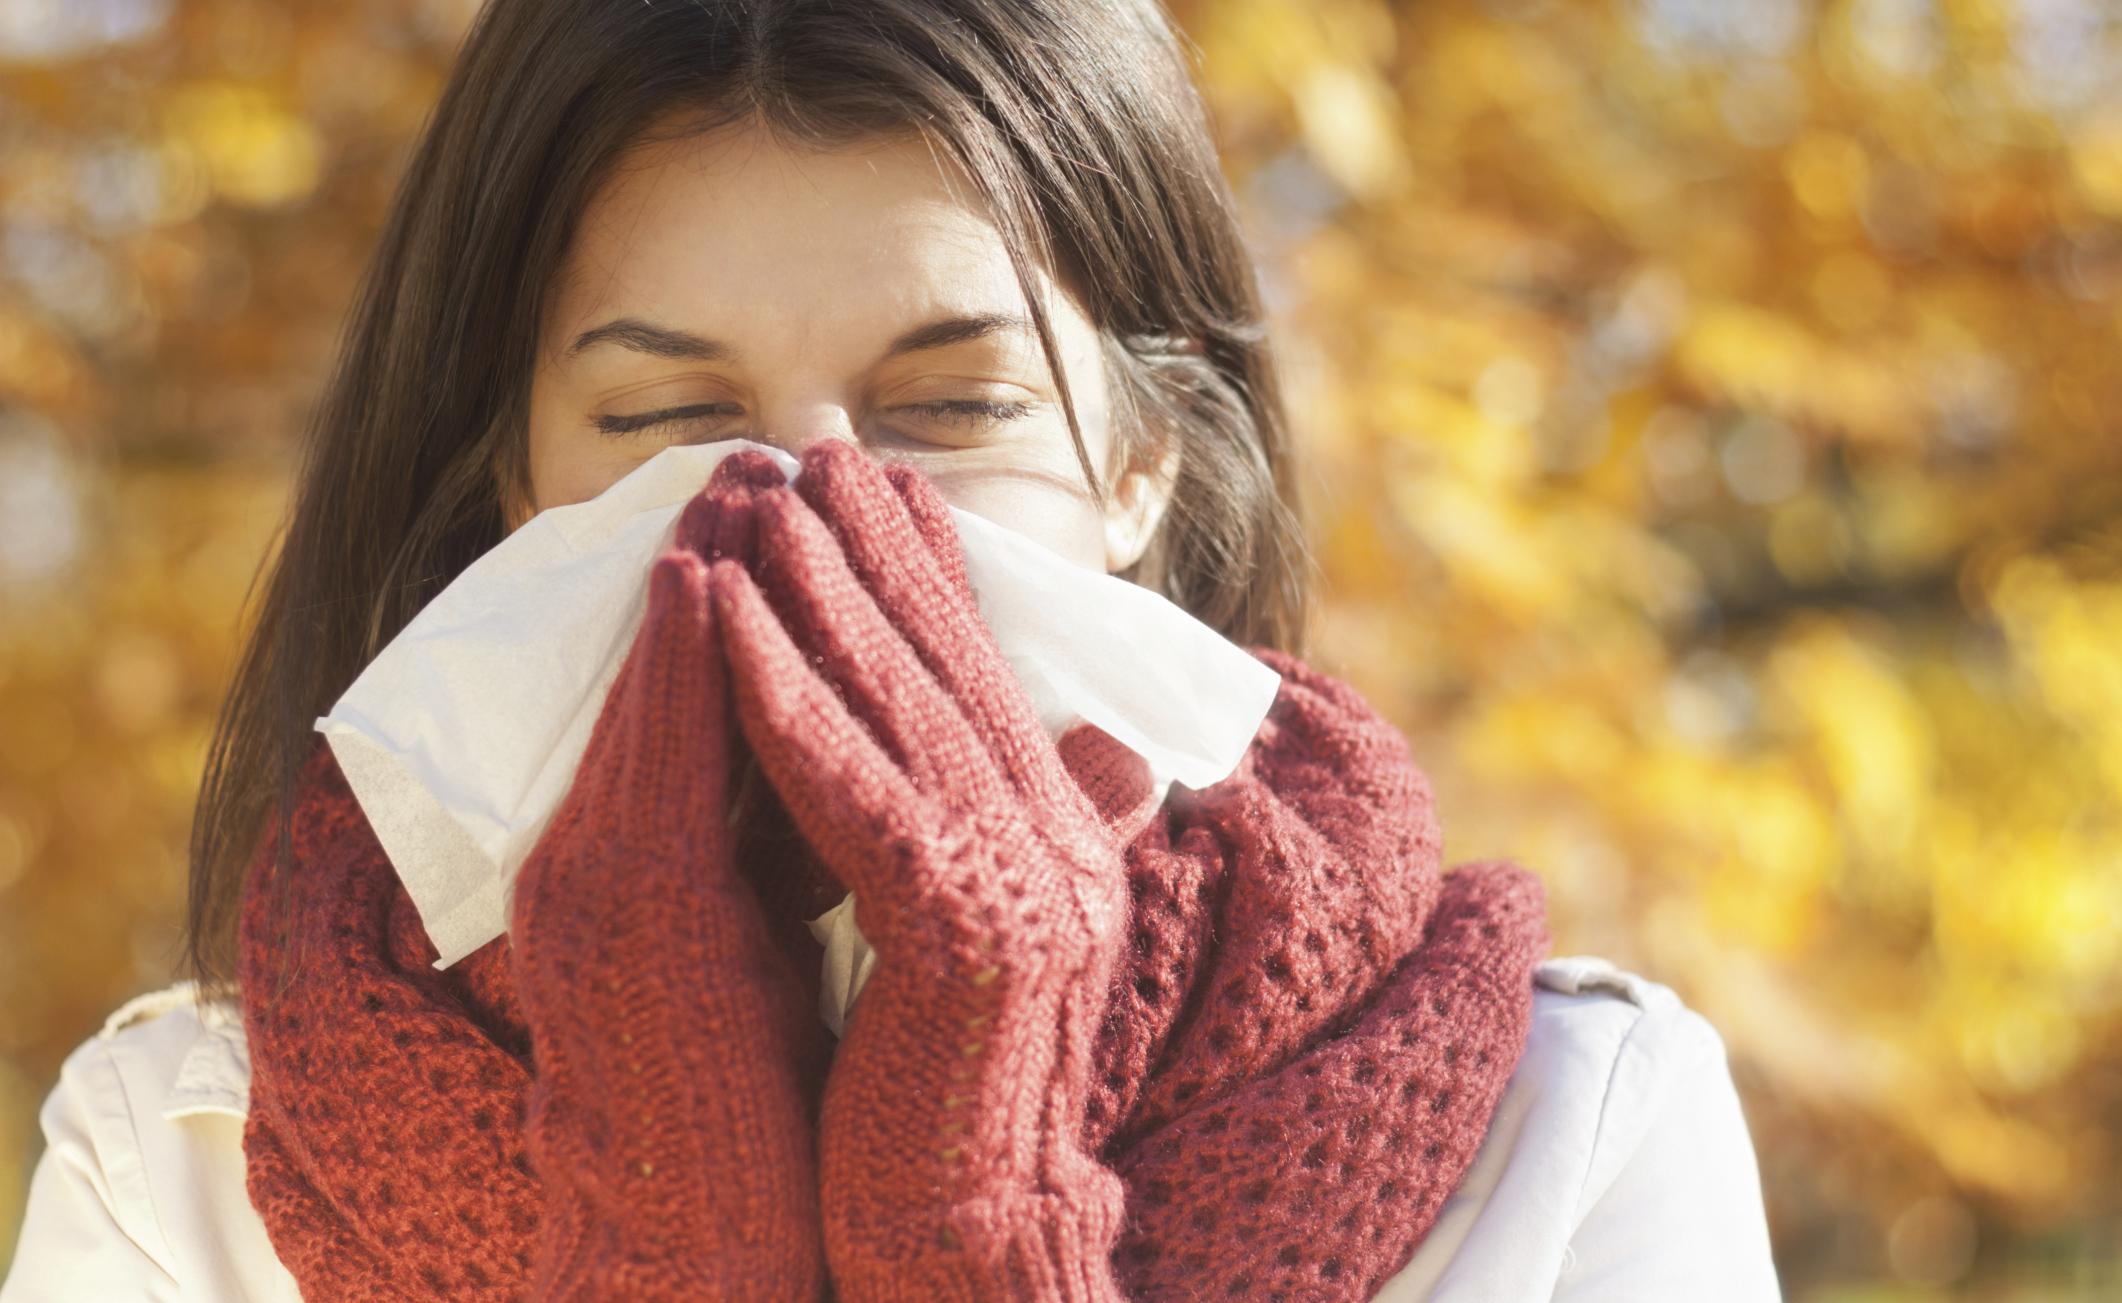 Ecco come evitare il raffreddore | Pazienti.it